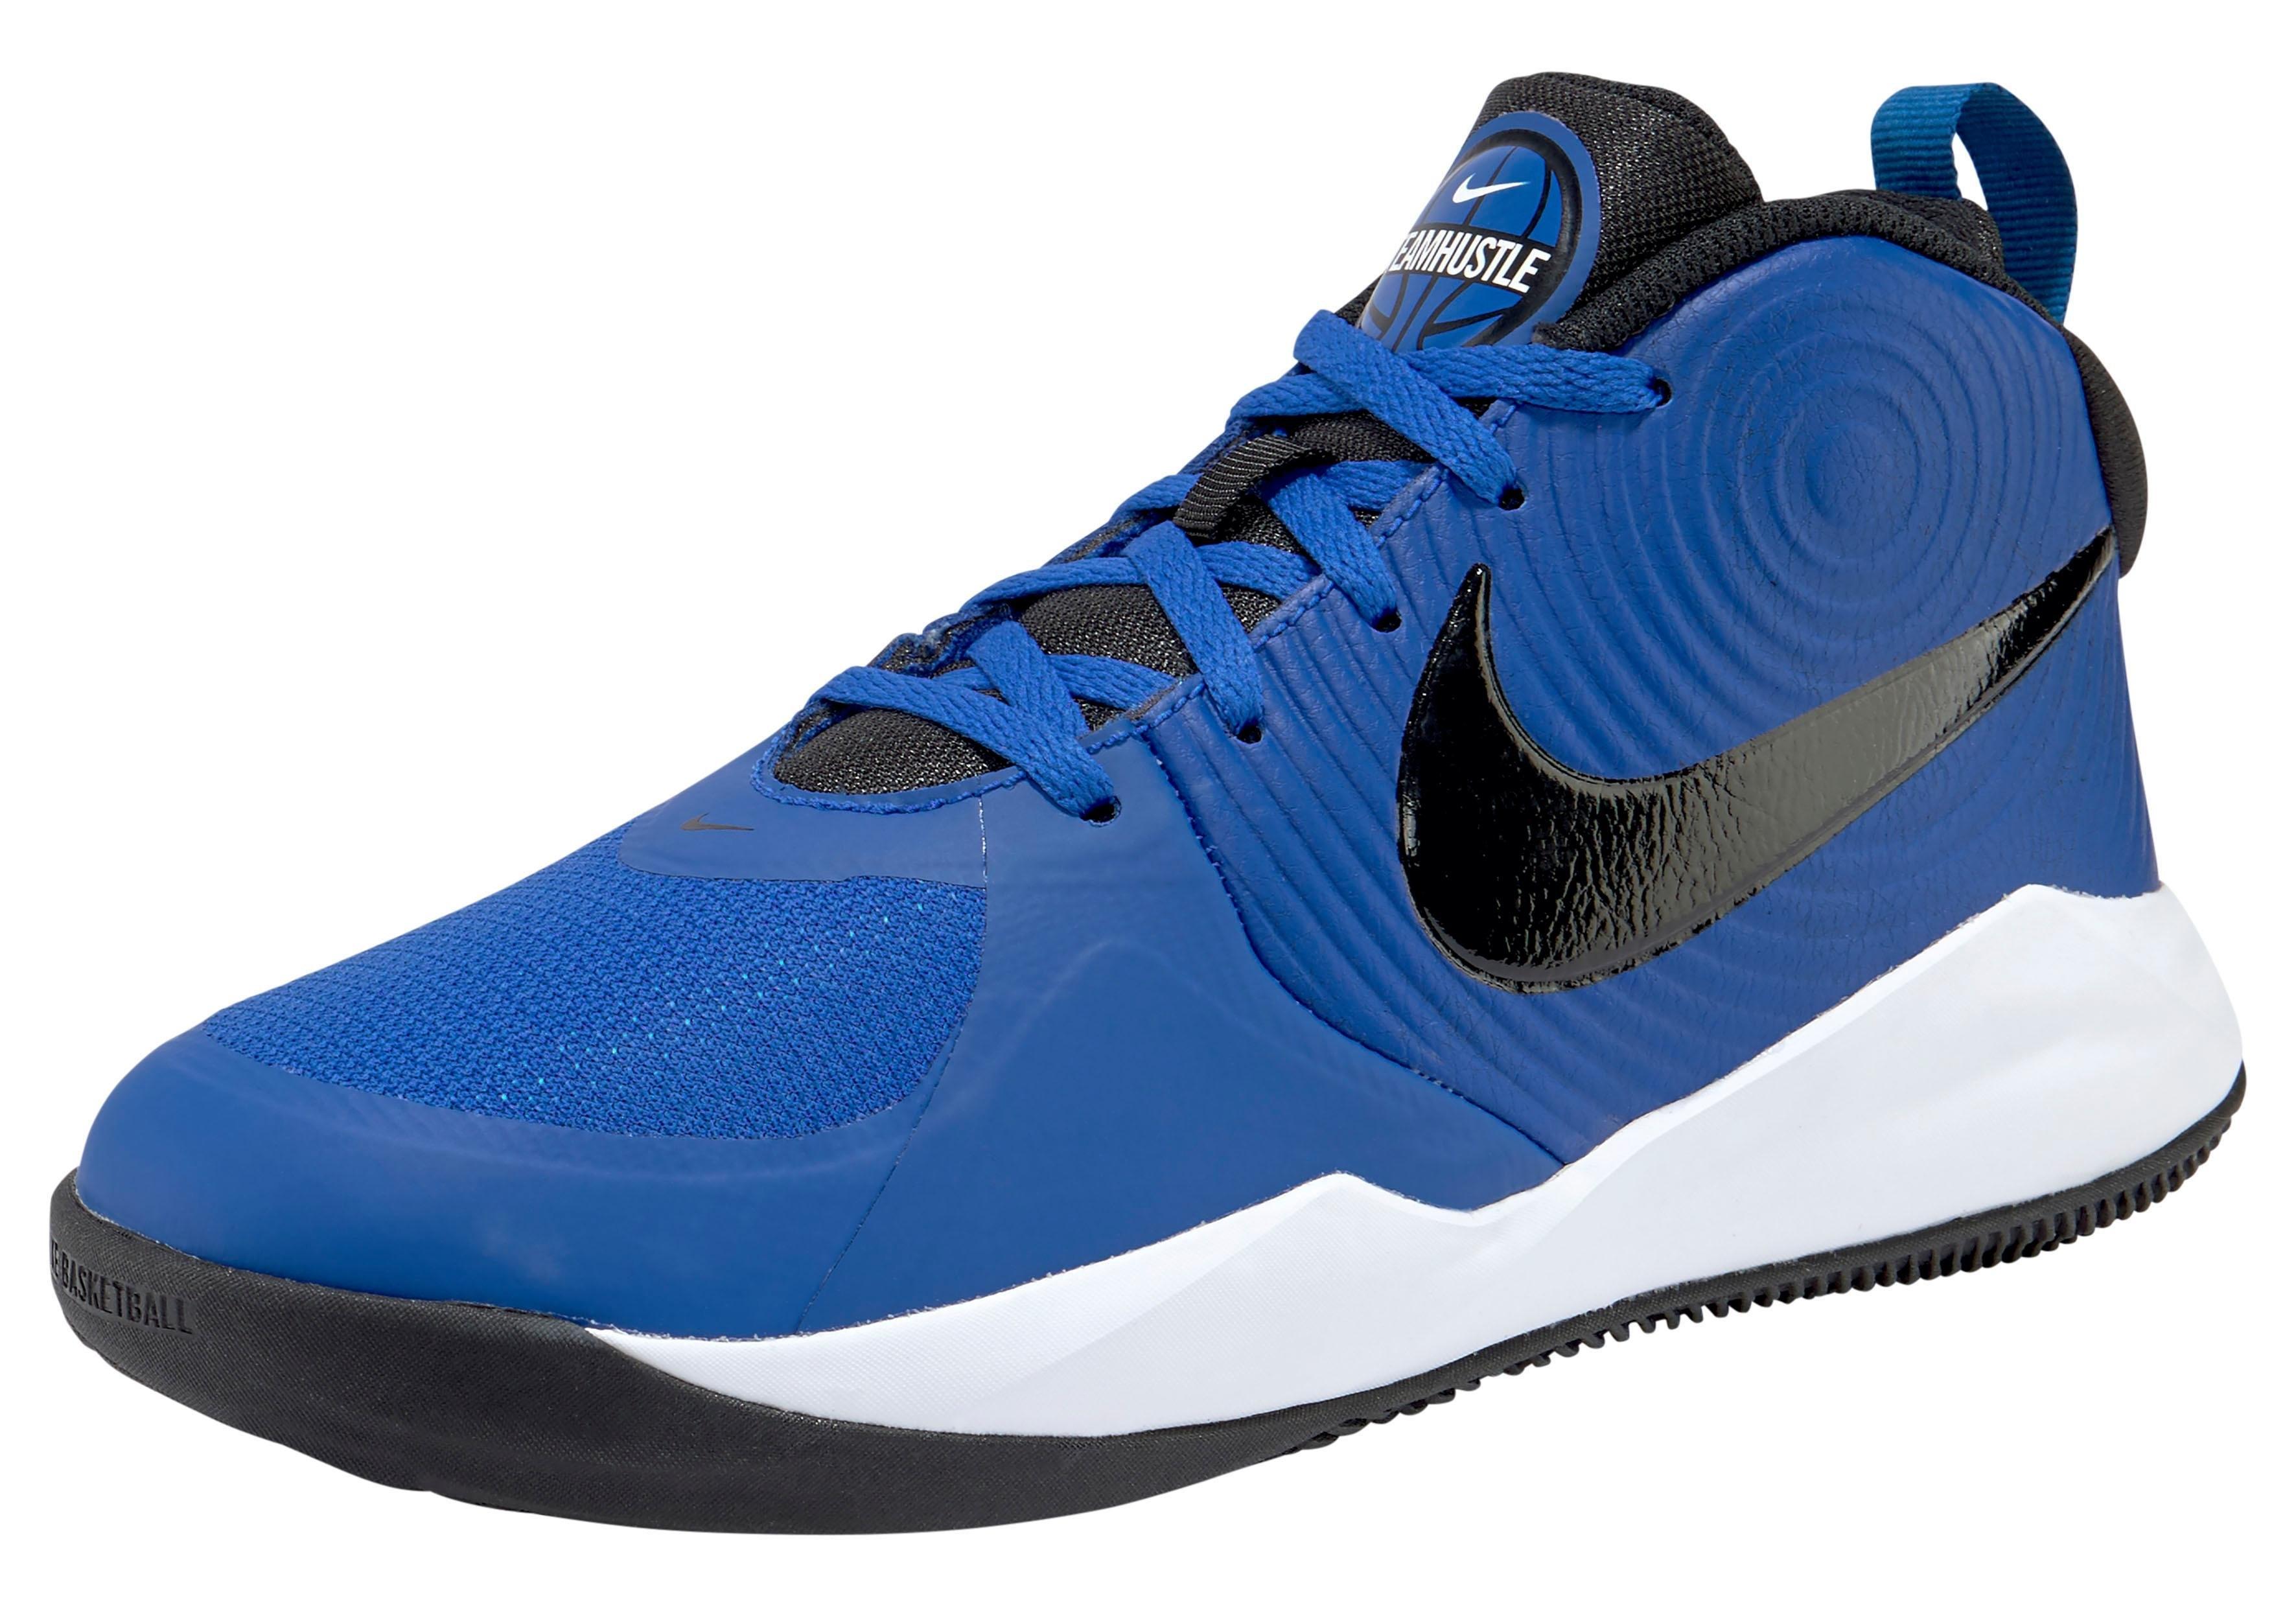 Nike basketbalschoenen »Team Hustle D9« nu online kopen bij OTTO